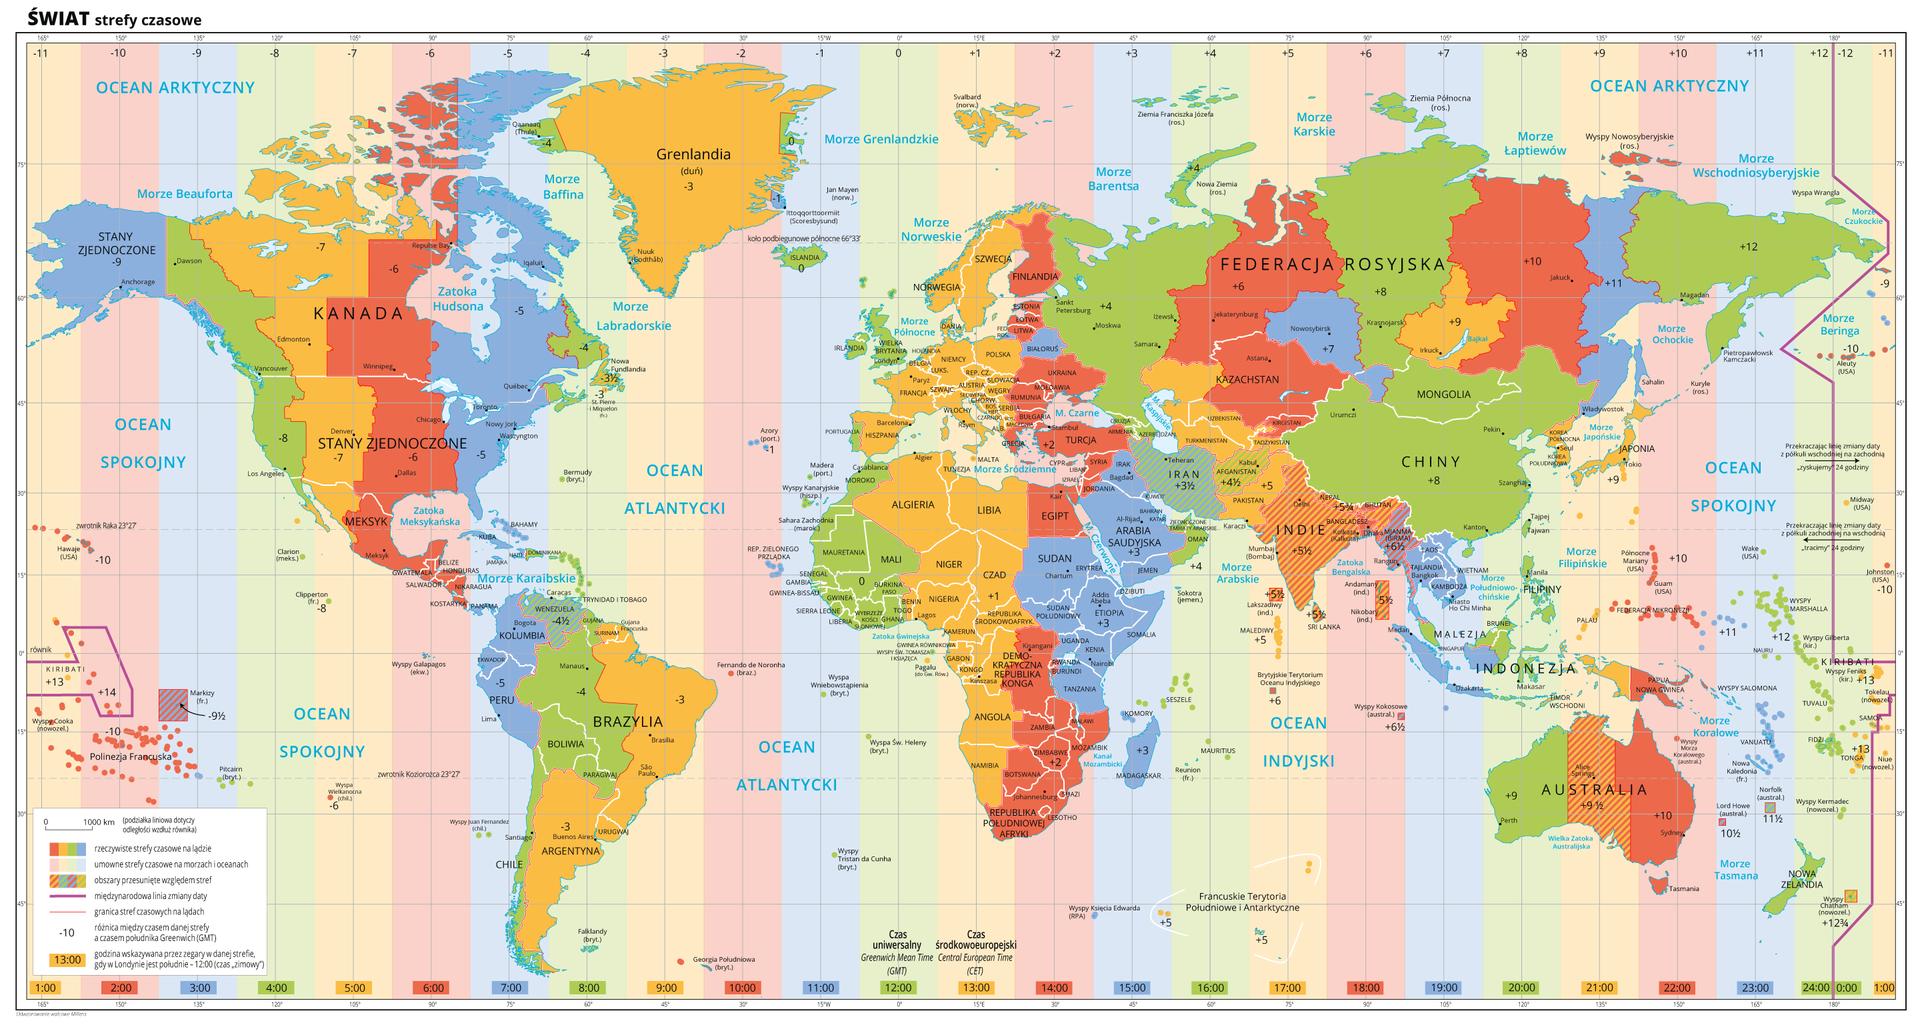 Ilustracja przedstawia mapę świata. Opisano państwa, morza ioceany. Na mapie za pomocą kolorów przedstawiono strefy czasowe obejmujące pasy oszerokości piętnaście stopni. Kolory nasycone przedstawiają strefy czasowe na lądzie, akolory rozbielone – strefy czasowe na morzach ioceanach. Kreskowaniem wyróżniono obszary przesunięte względem stref. Przebieg stref czasowych na morzach ioceanach jest równomierny, na lądach wniewielu miejscach pokrywa się wcałości ze strefą czasową przedstawioną na morzu. Fioletową linią oznaczono linię zmiany daty, przebiega ona na Oceanie Spokojnym pomiędzy Ameryką Północną aAzją. Wkażdym państwie zapisano różnicę między czasem danej strefy aczasem południka Greenwich. Na dole każdej strefy zapisano godzinę wskazywaną przez zegary wdanej strefie, gdy wLondynie jest południe – godzina dwunasta czasu zimowego. Mapa pokryta jest równoleżnikami ipołudnikami.